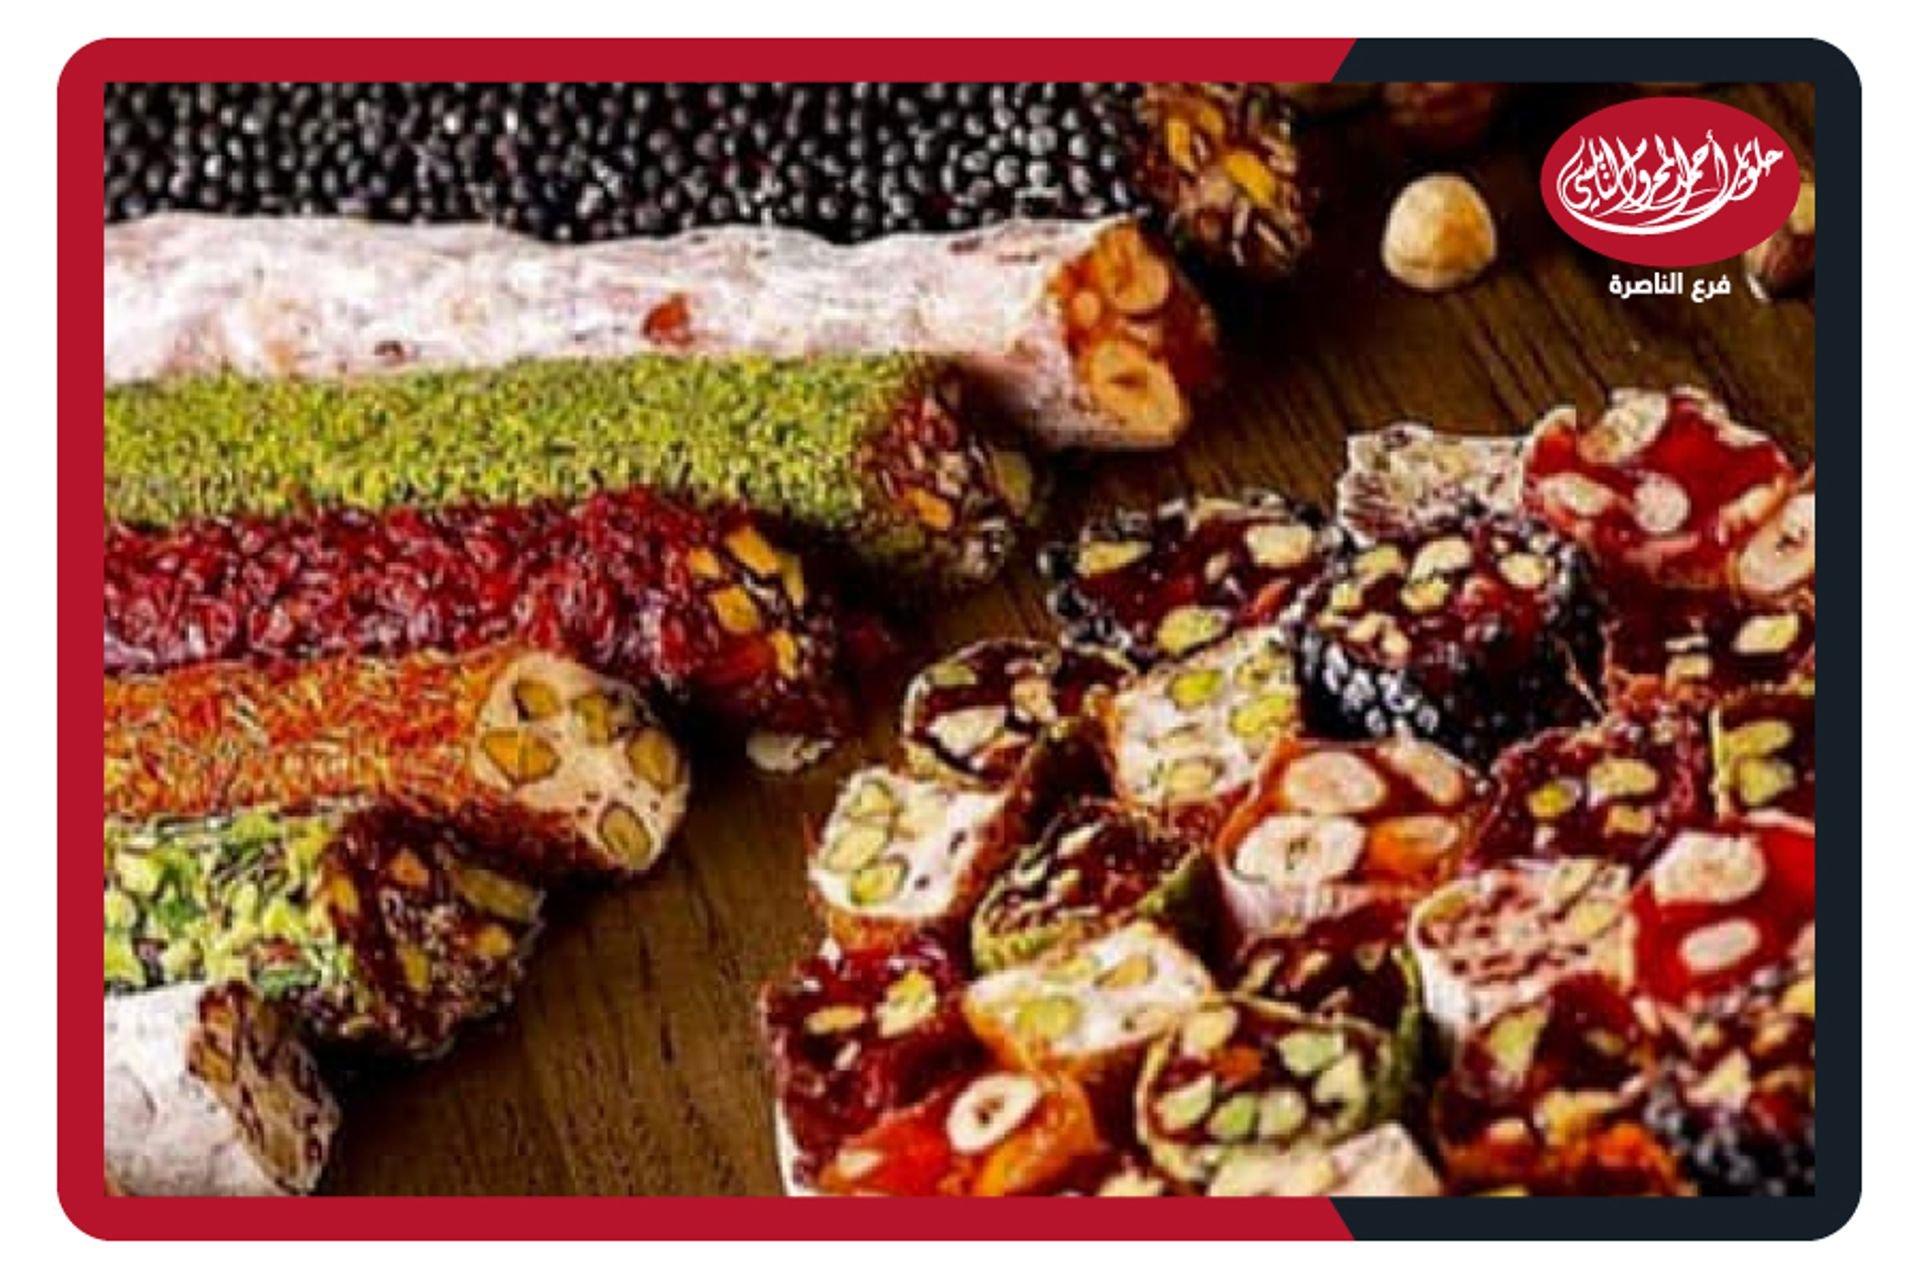 20 حلويات أحمد المحروم (النابلسي) الناصرة صورة